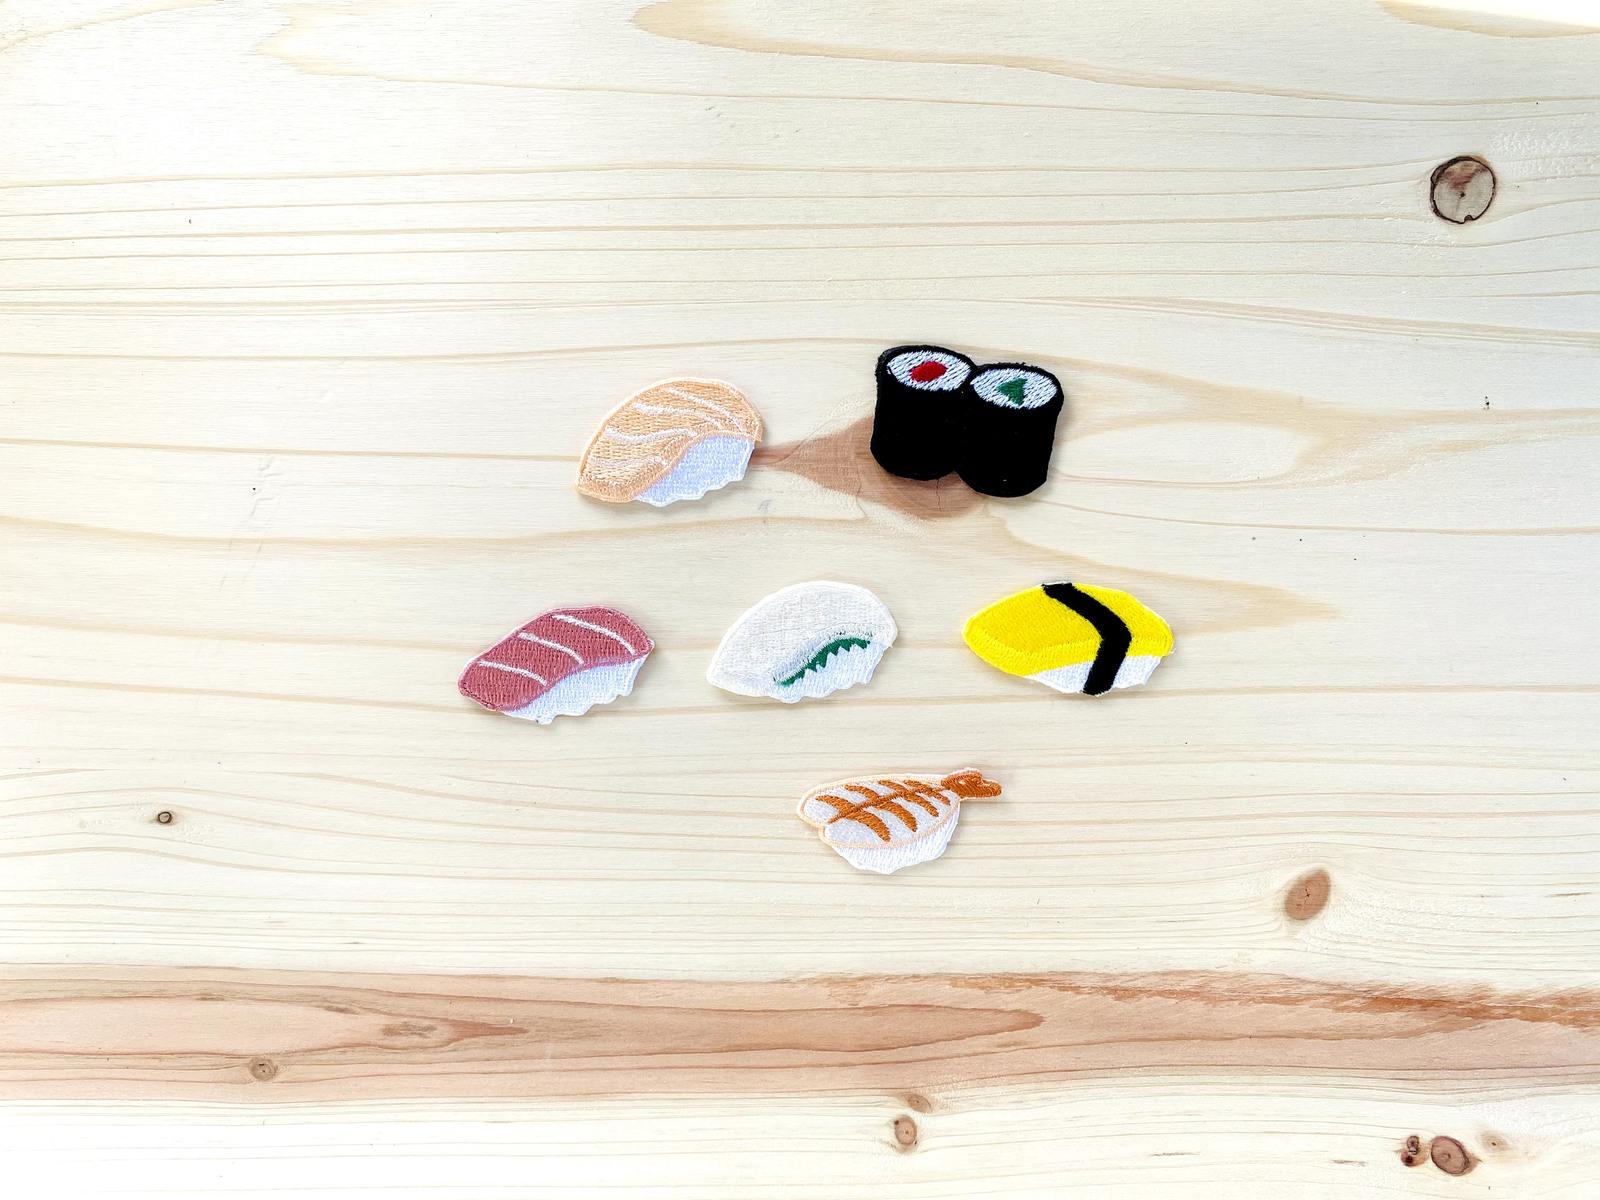 小 爆安プライス 寿司の刺繍ワッペン トロ サーモン エビ イカ 鉄火巻きかっぱ巻き 玉子 テレビで話題